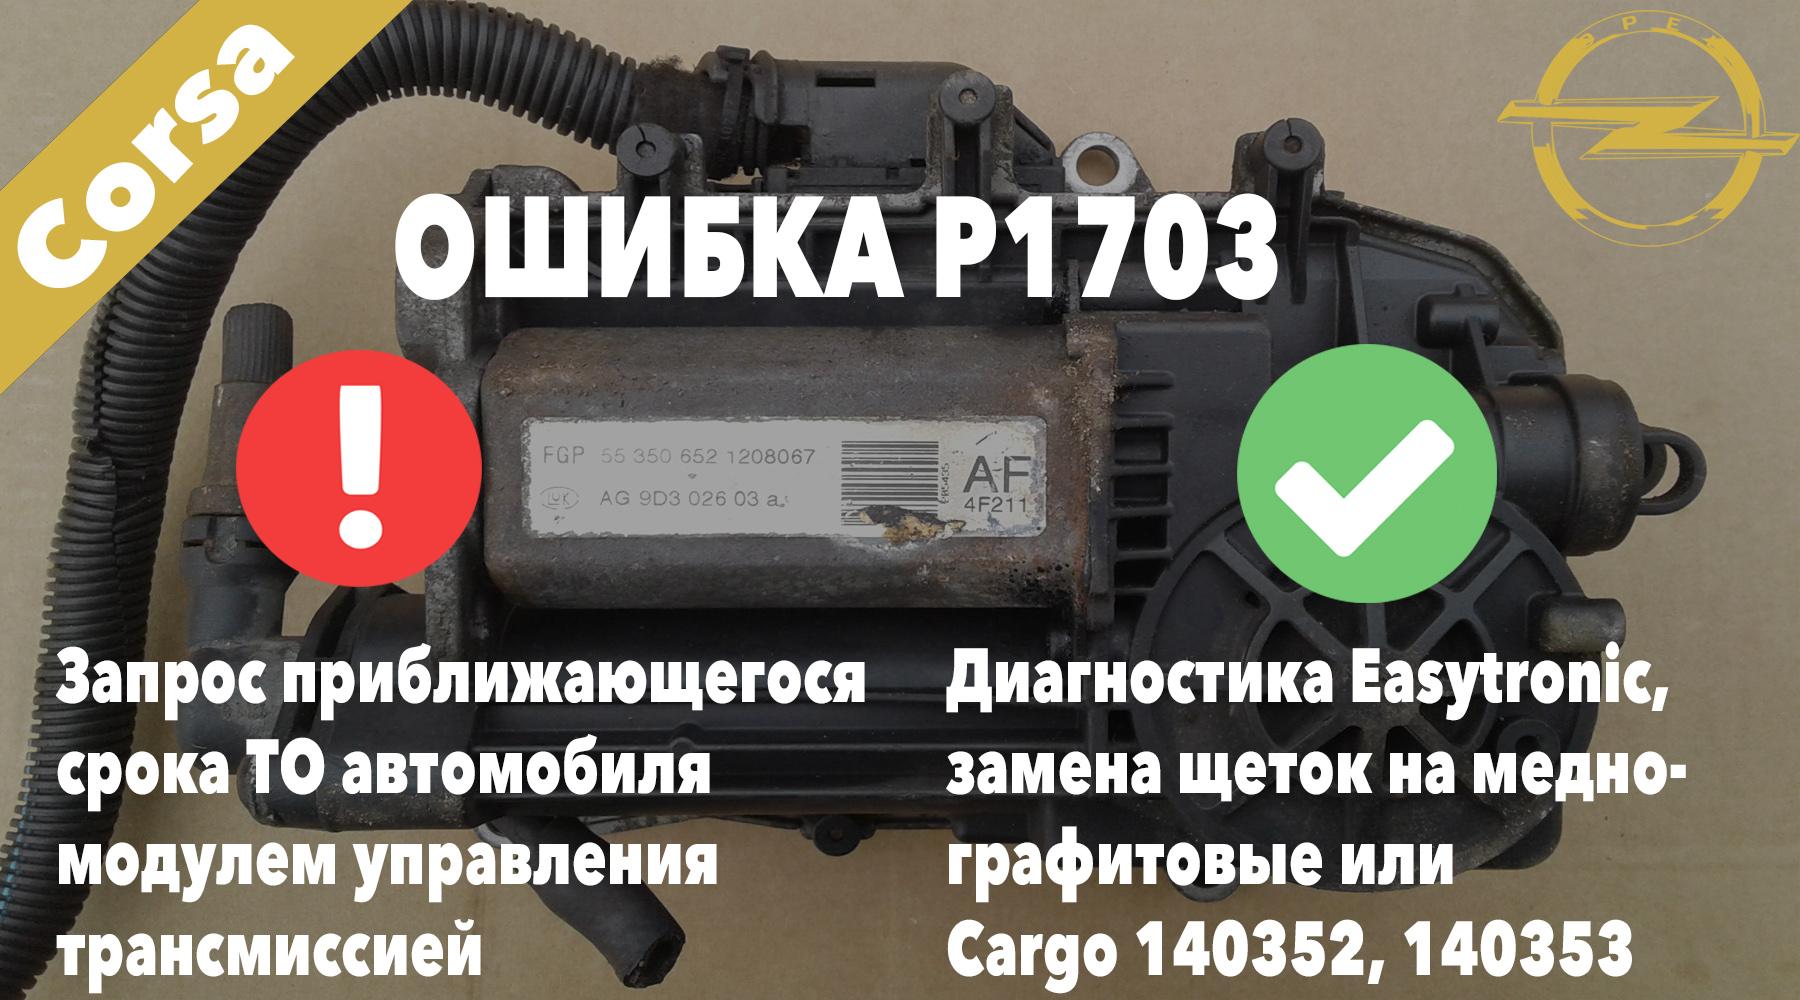 Опель Корса код ошибки P1703 – запрос приближающегося срока ТО автомобиля модулем управления трансмиссией